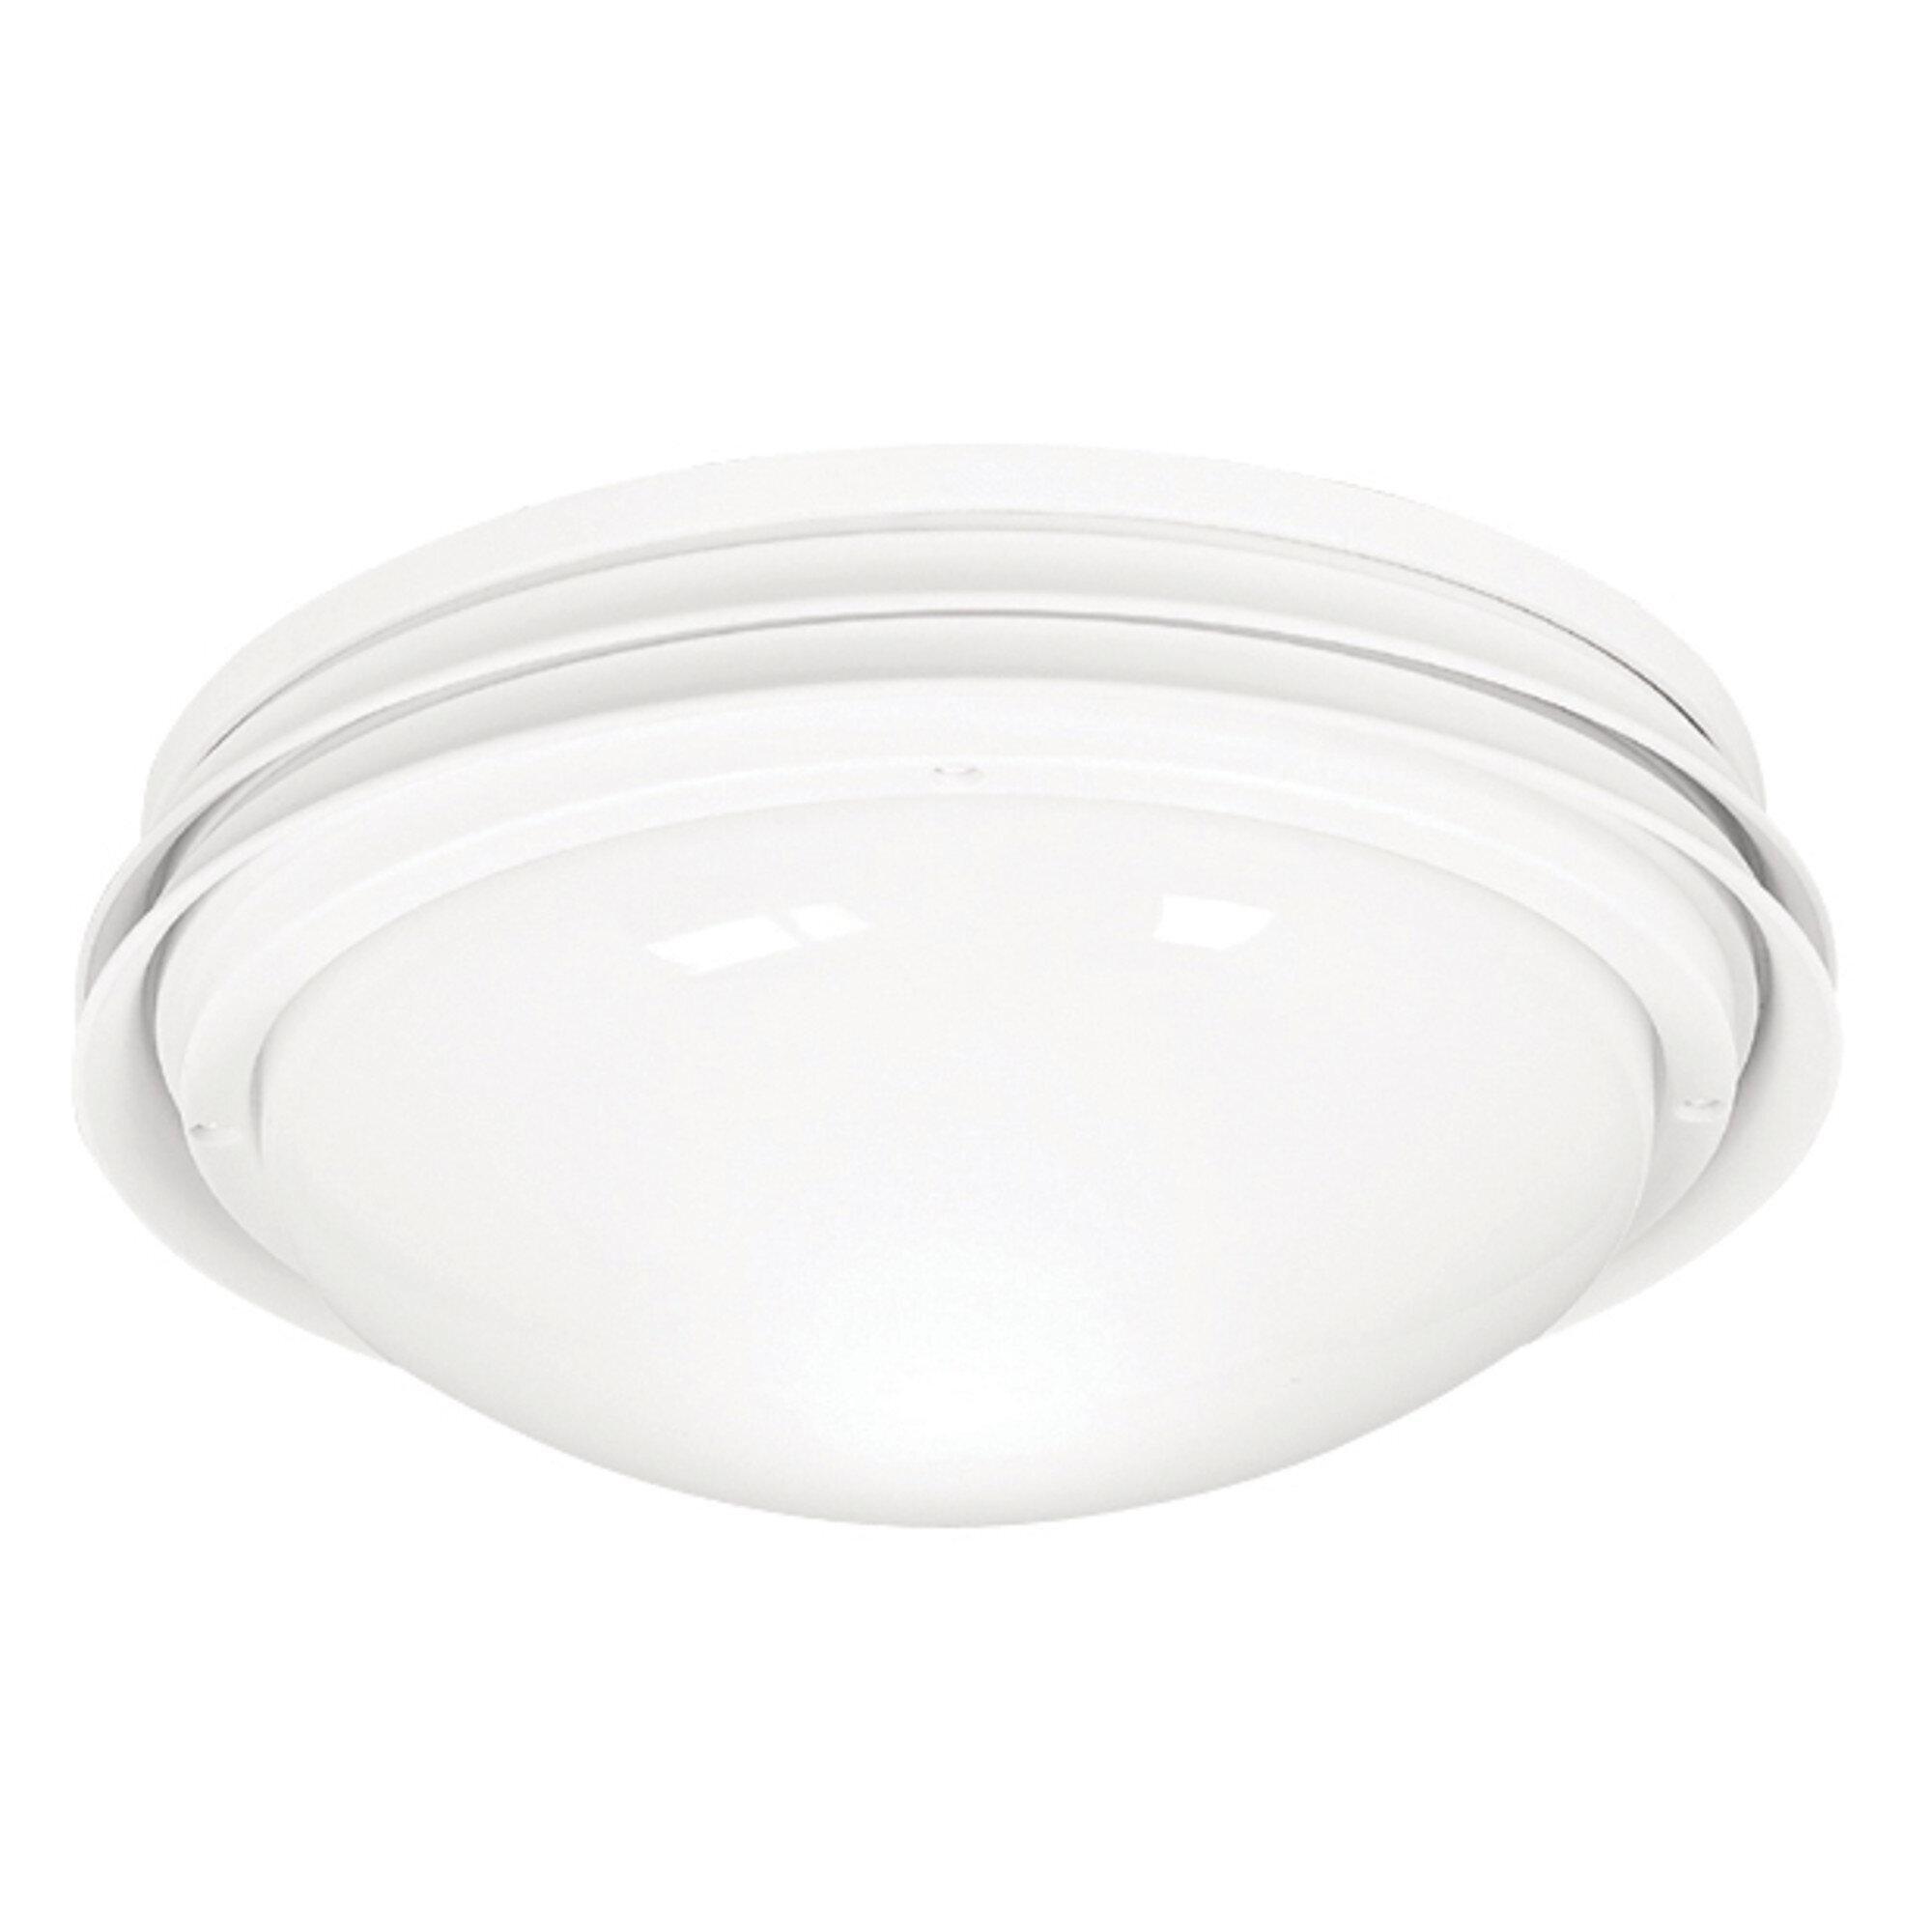 Hunter Fan Gerda 2 Light Bowl Ceiling Fan Light Kit Wayfair